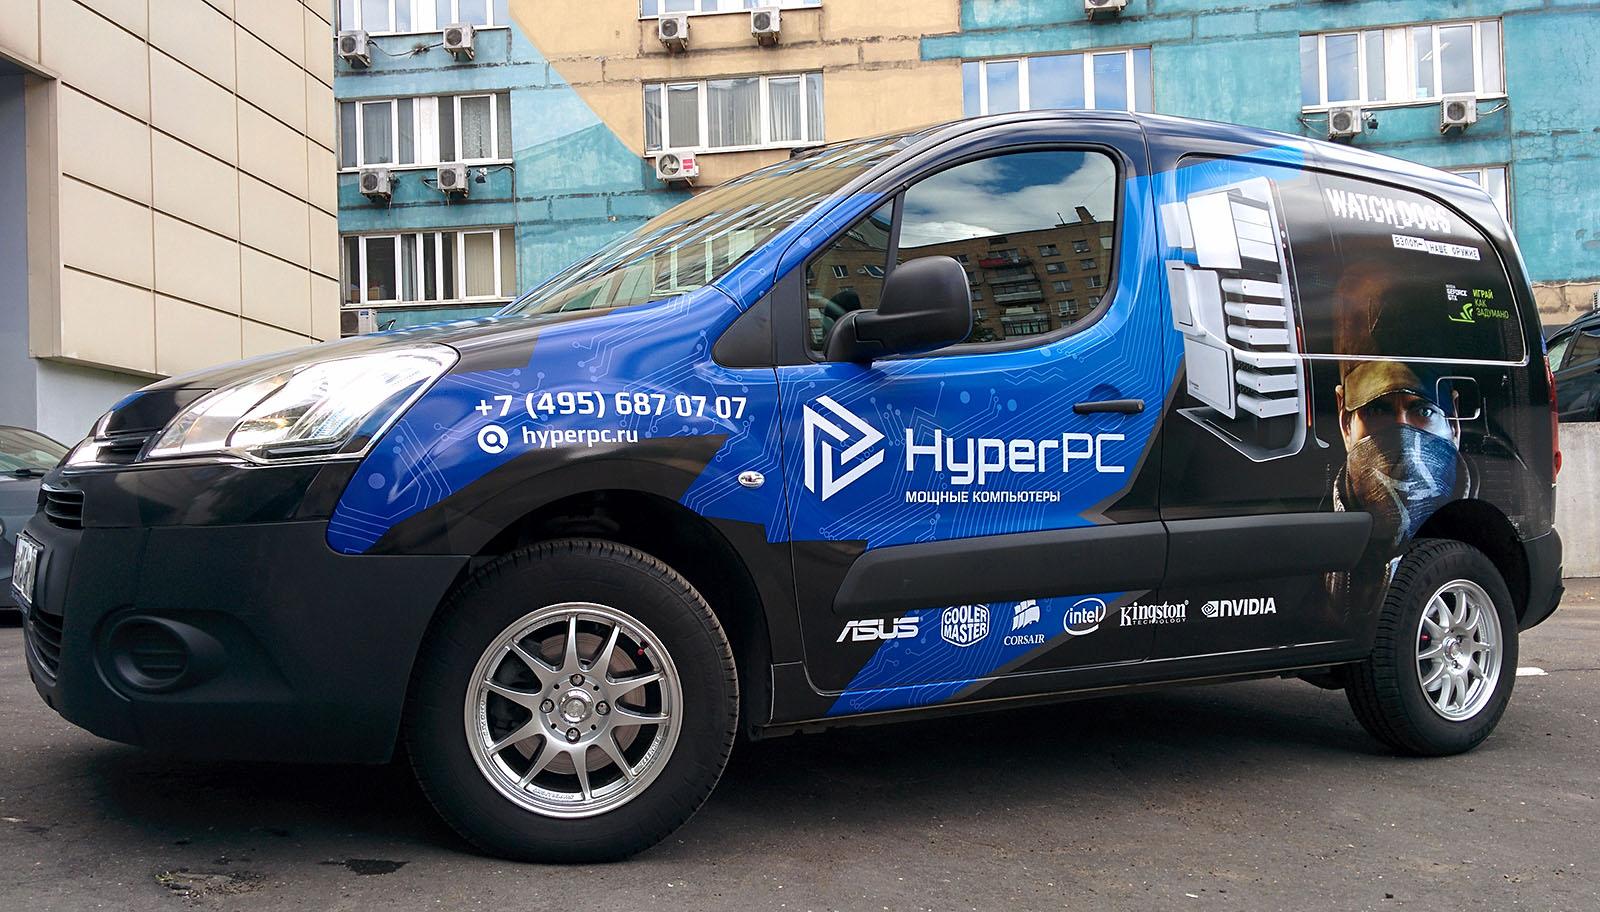 Оклейка Berlingo для HyperPC